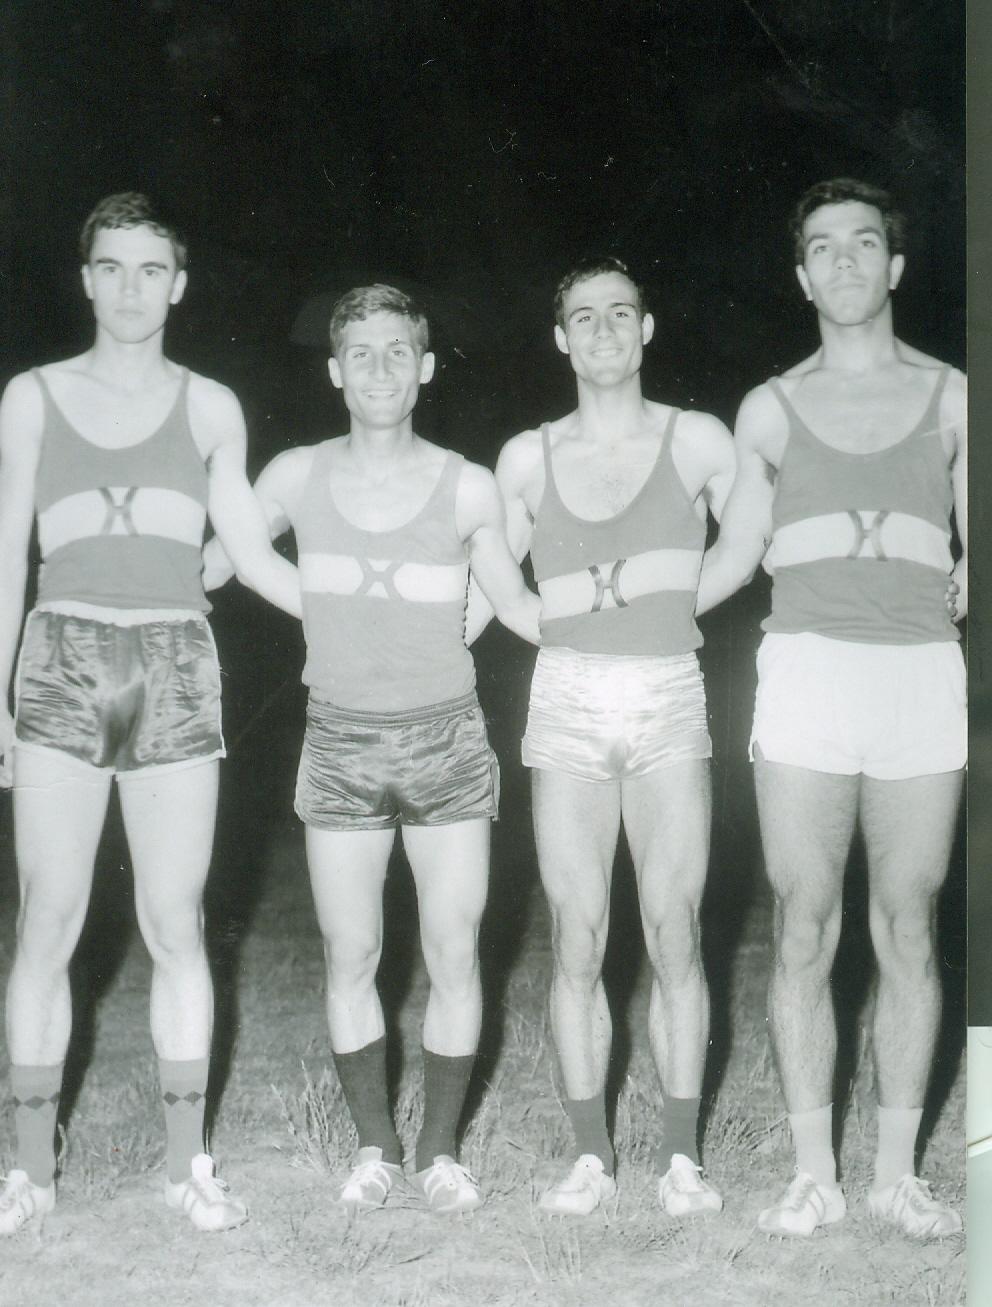 Απο αριστερα ΣΤΟΓΙΟΣ,ΣΤΑΘΗΣ,ΦΡΑΓΚΟΠΟΥΛΟΣ,ΚΟΥΜΠΡΟΓΛΟΥ(Καυτανζογλειο 1968)